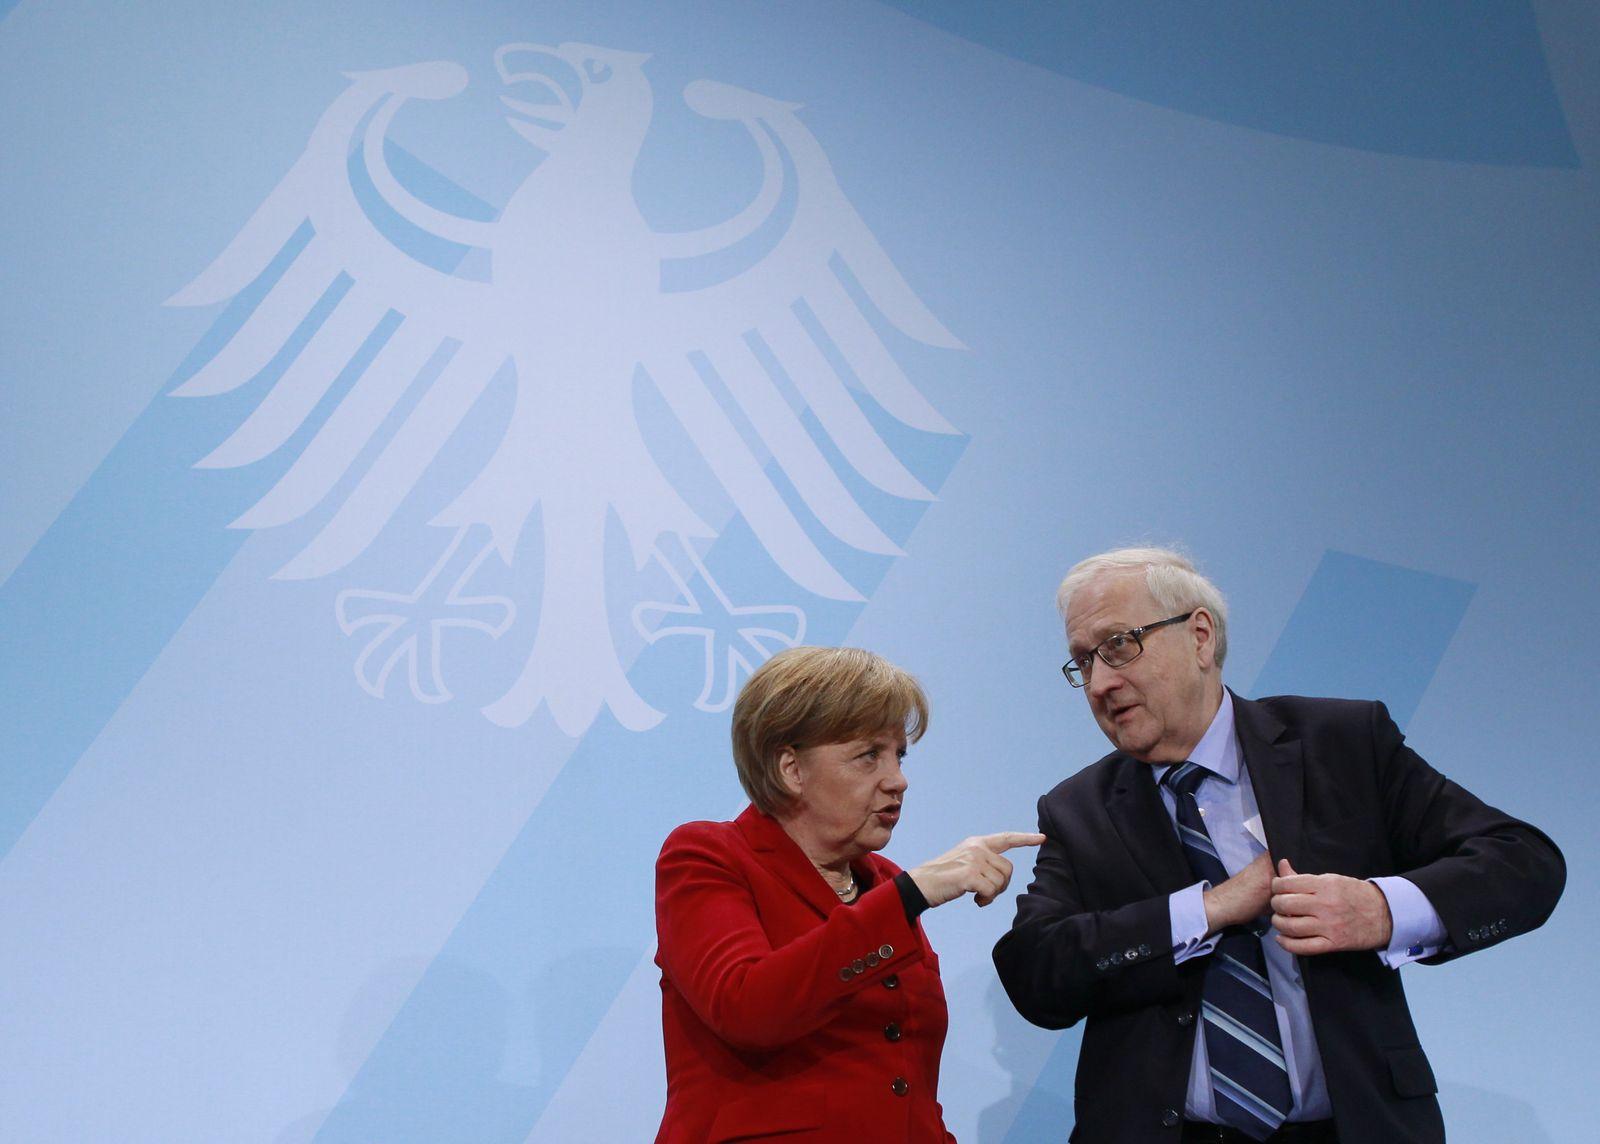 Brüderle / Merkel